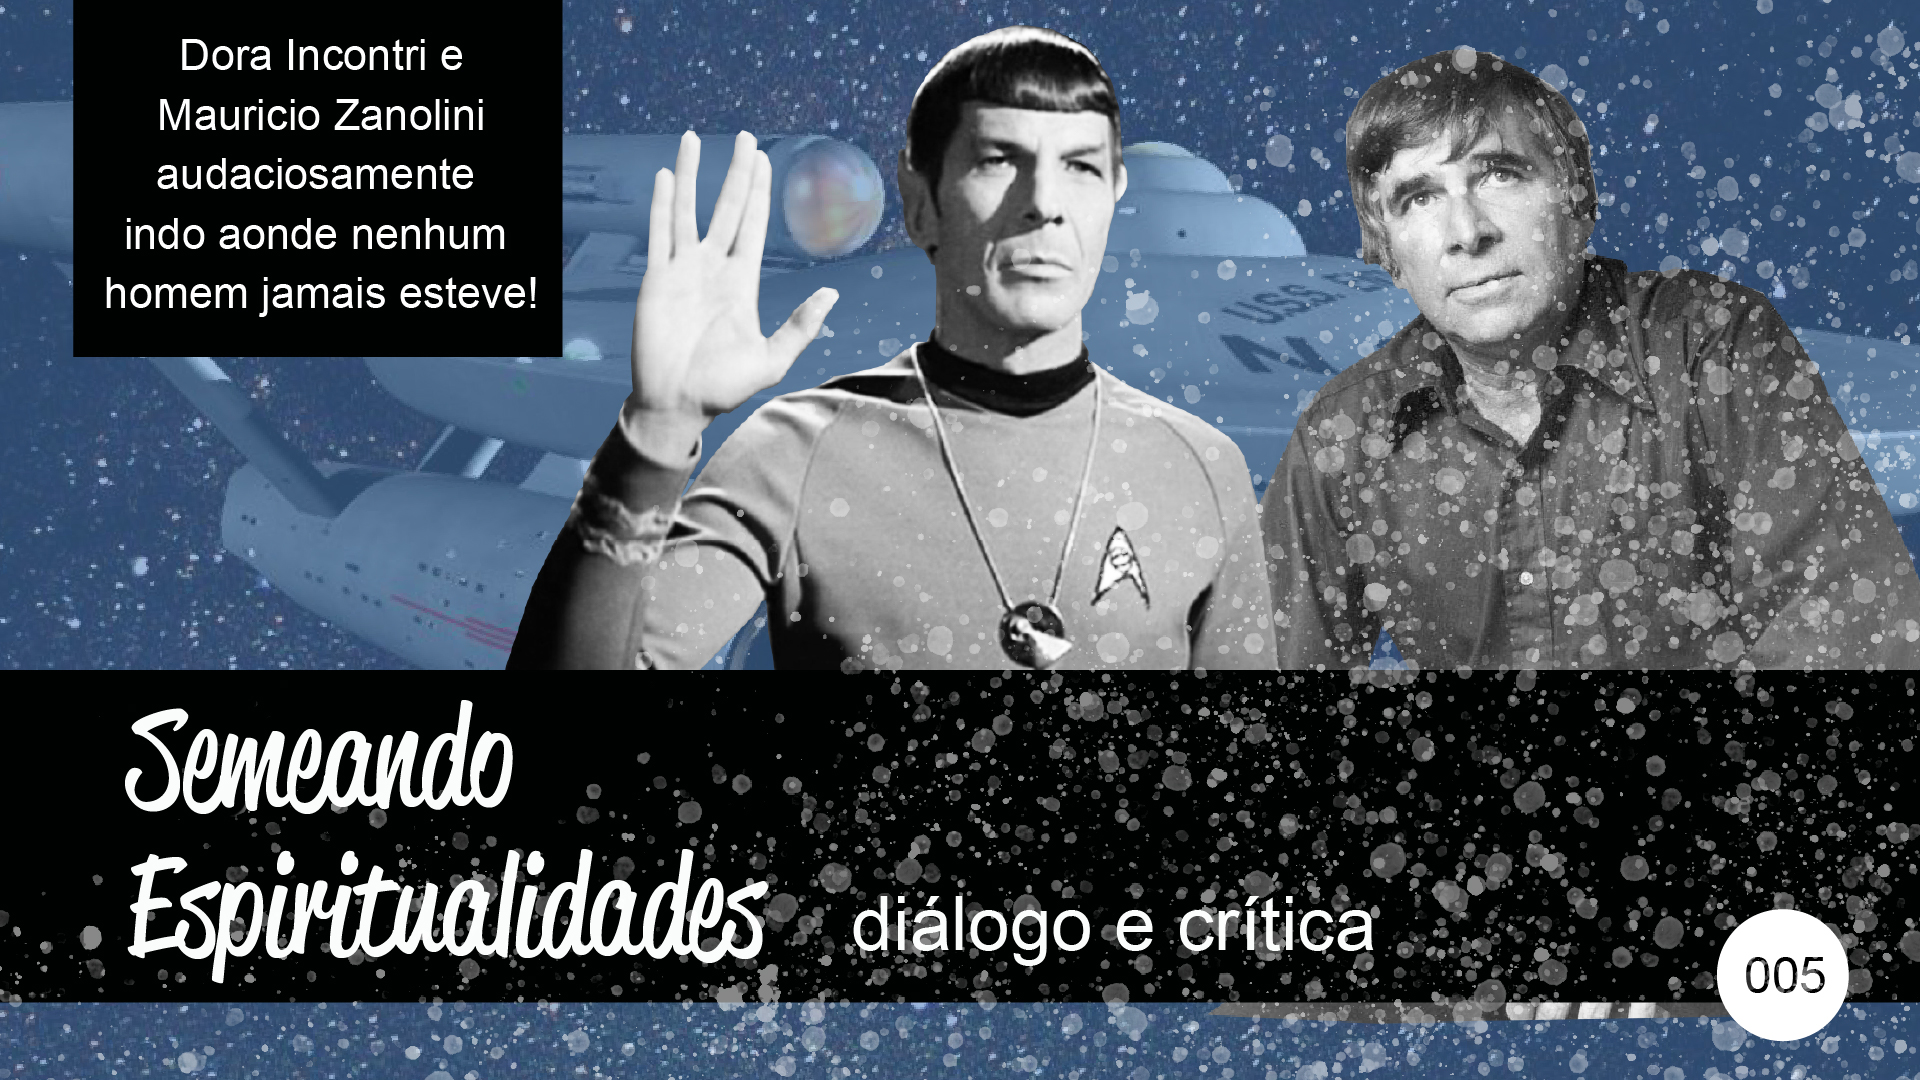 Semeando Espiritualidades – diálogo e crítica (005) – Espiritualidade em Star Trek